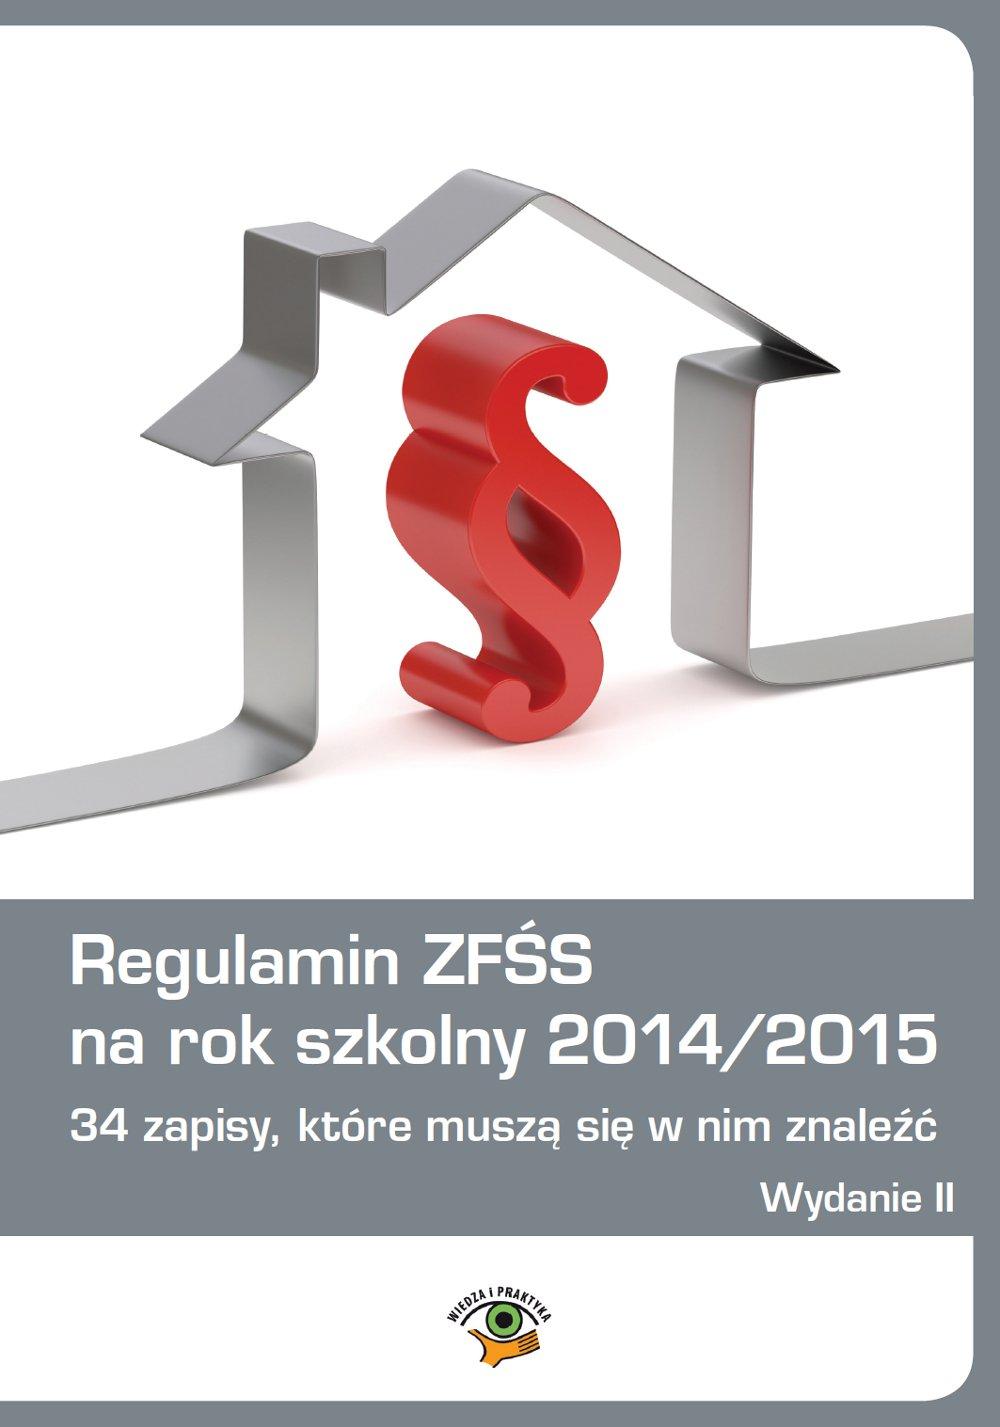 Regulamin ZFŚS na rok szkolny 2014/2015 - Ebook (Książka na Kindle) do pobrania w formacie MOBI